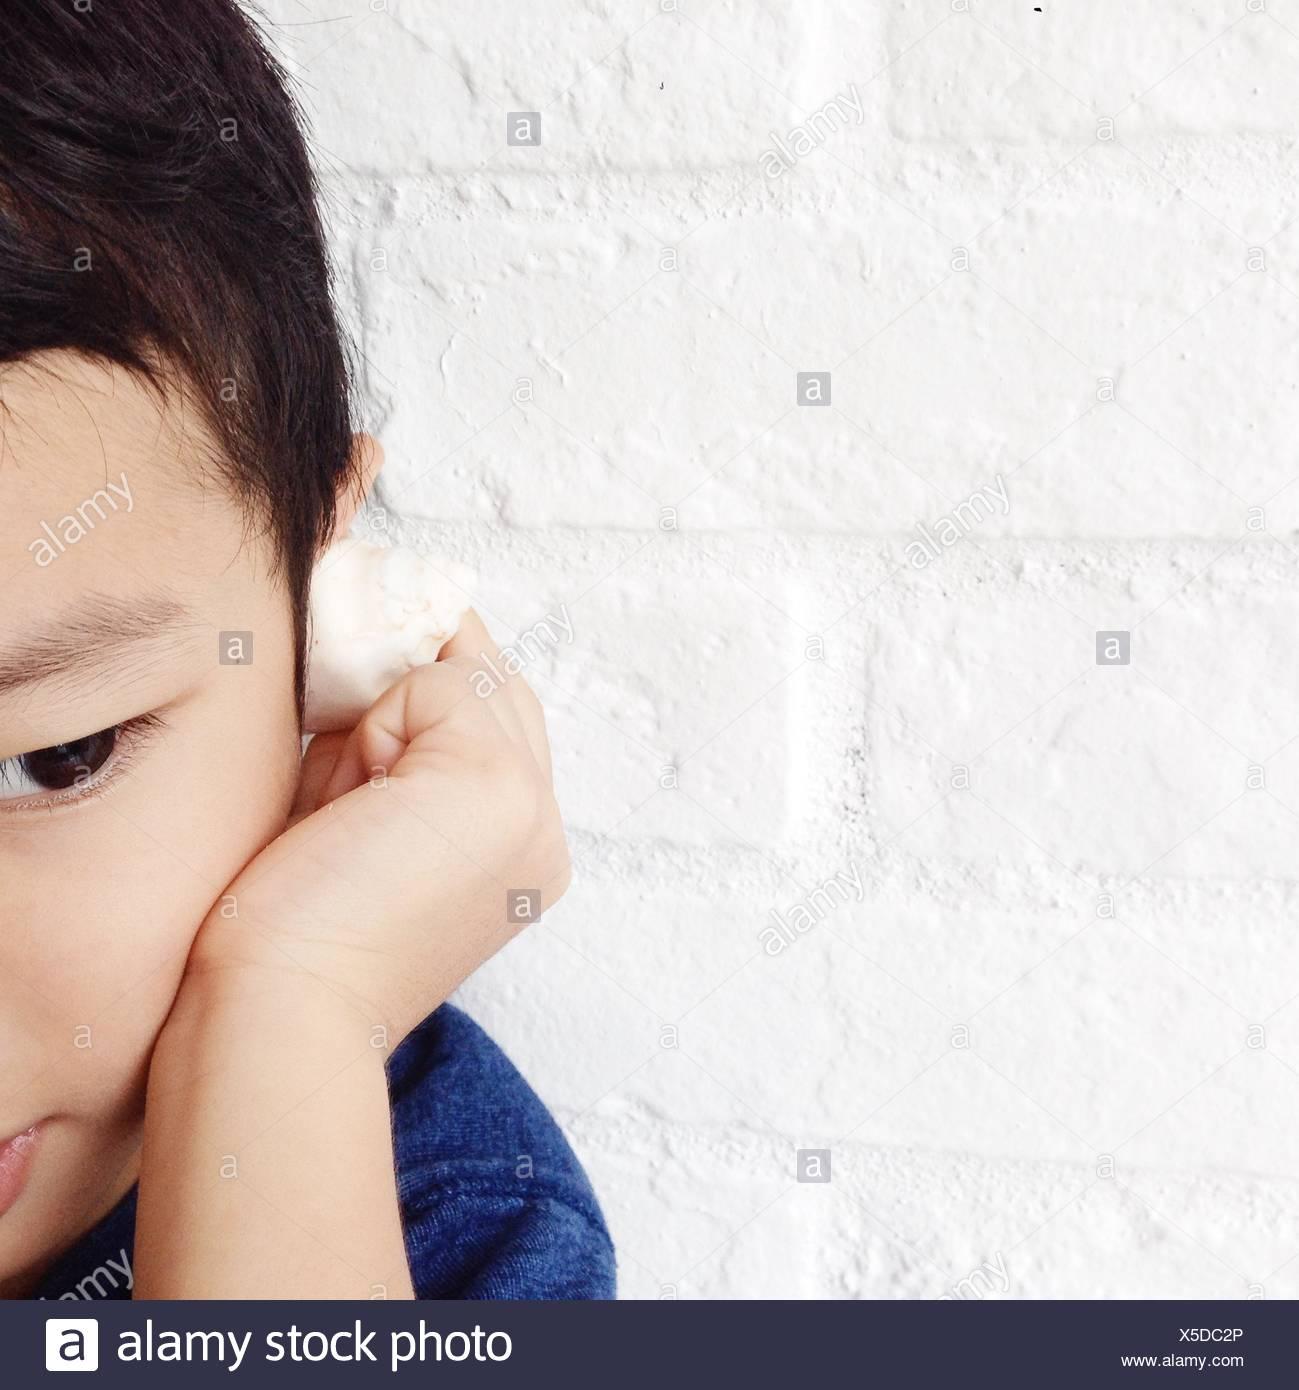 Junge hören das Meer in einer kleinen Muschel Stockbild